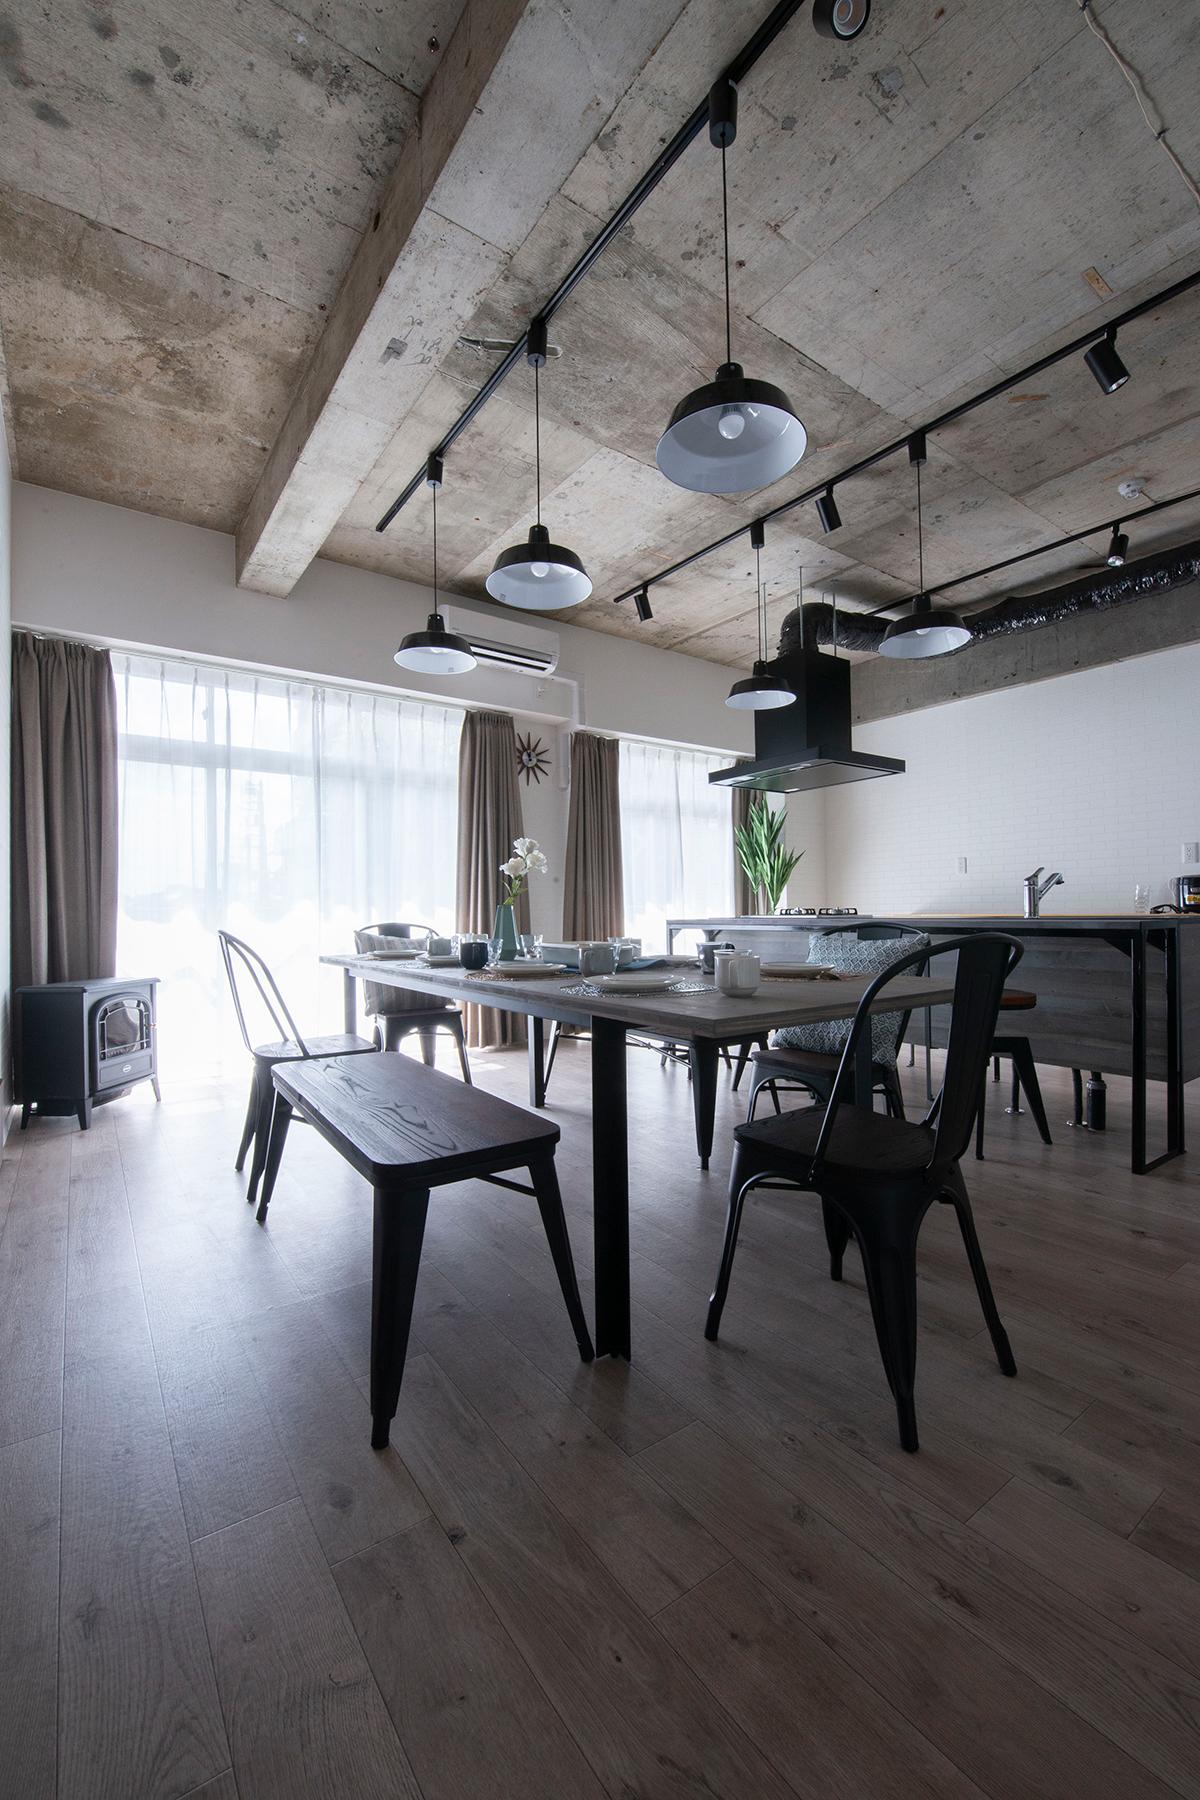 シェアハウスのダイニングテーブルに | スプルス積層パネルを用いたテーブル スチール脚(浮造り調)/Tavola(No.1)